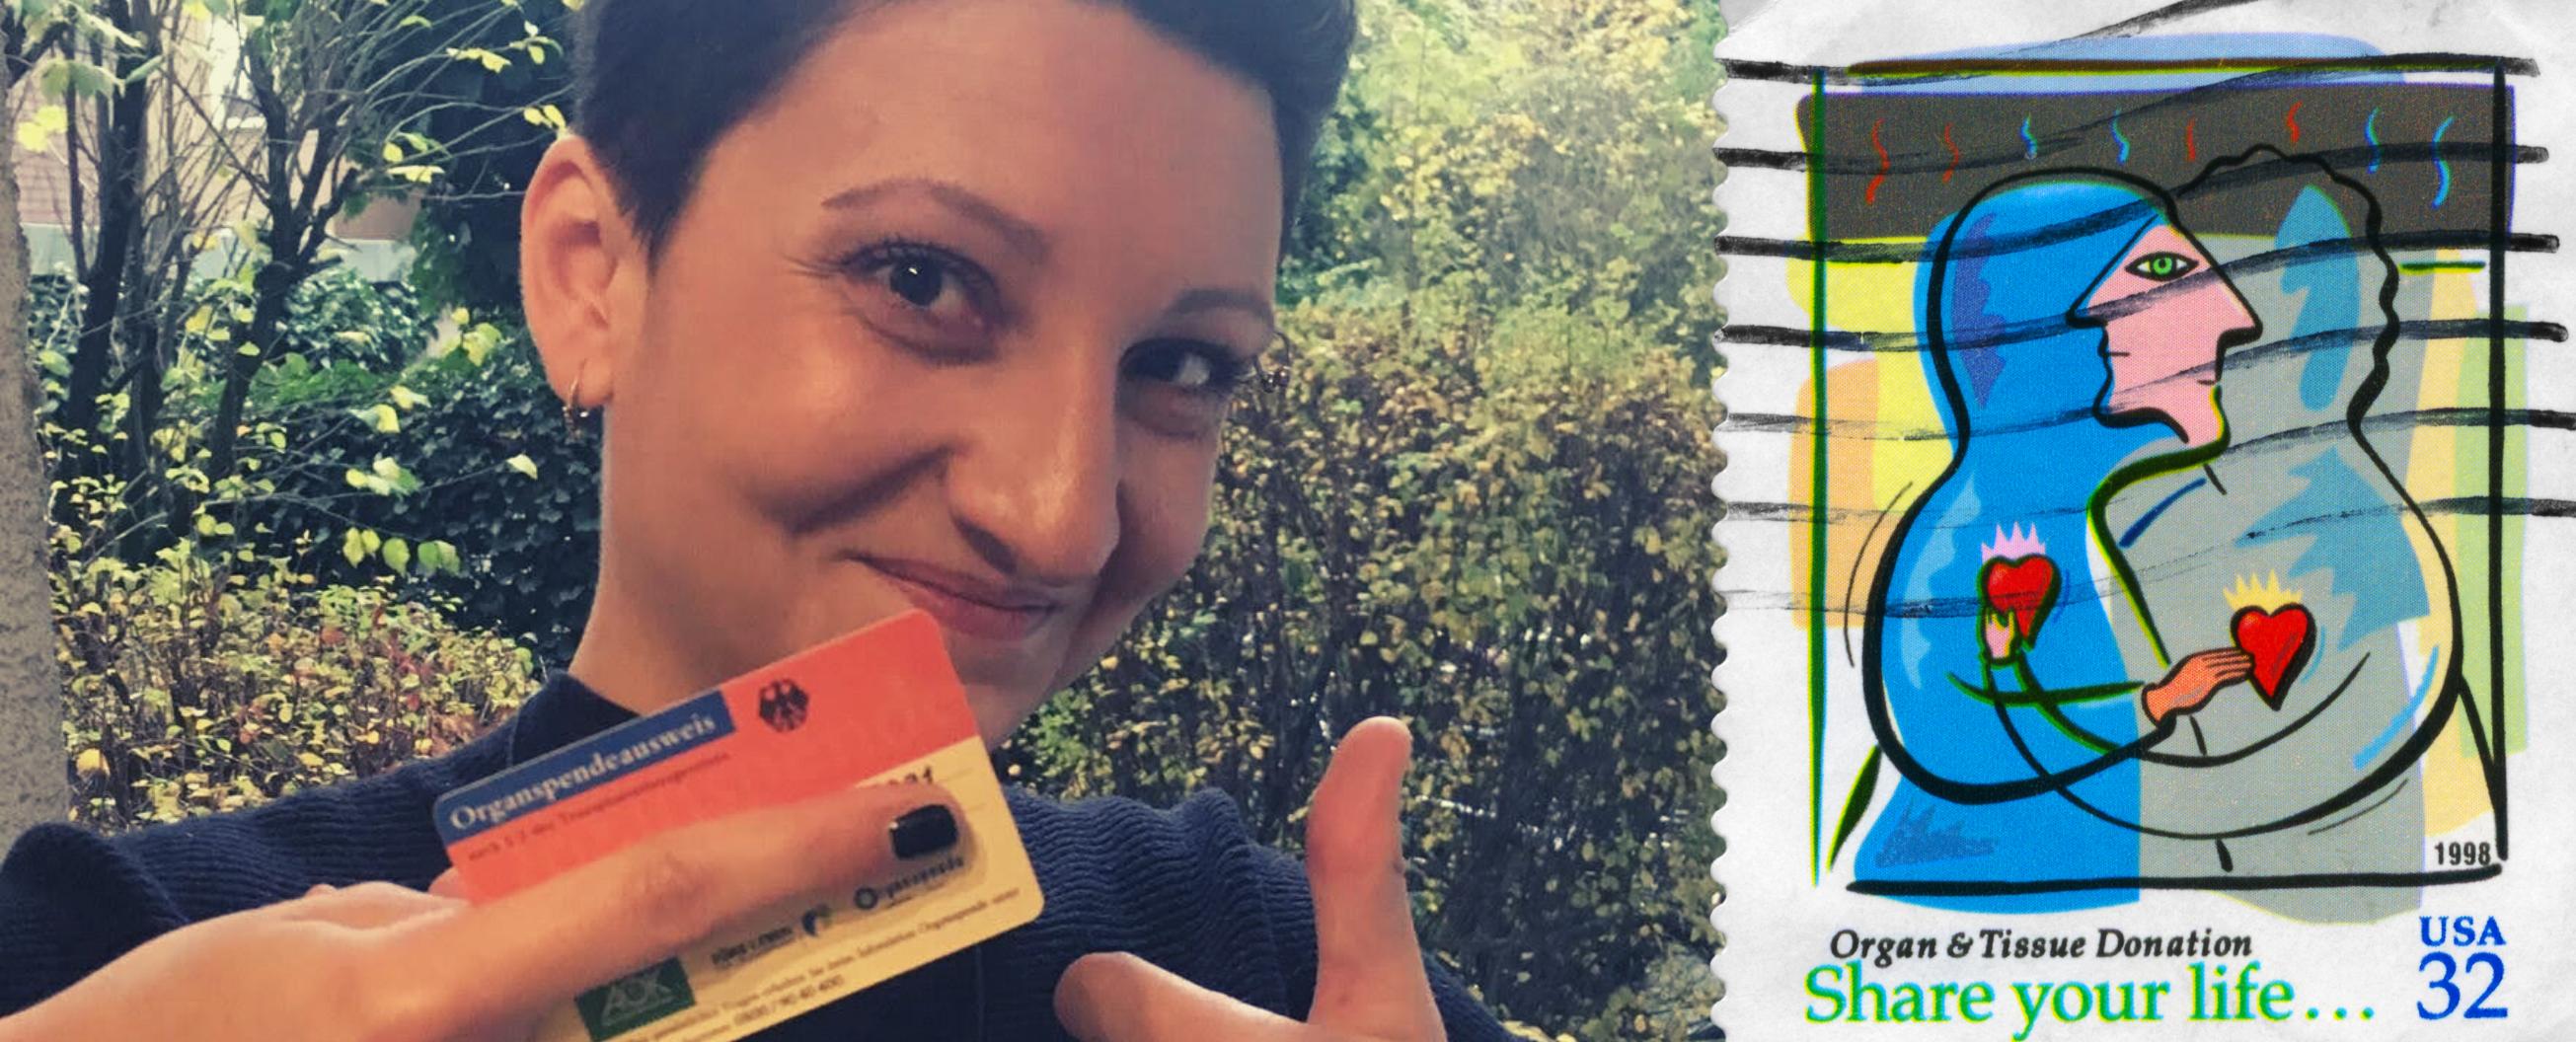 Bushra Arnous mit ihrem Organspendeausweis in der Hand, den sie in paar Minuten damals vor Ort bekommen hat. Daneben ist eine Briefmarke bezüglich Organspende unter dem Motto: share your life